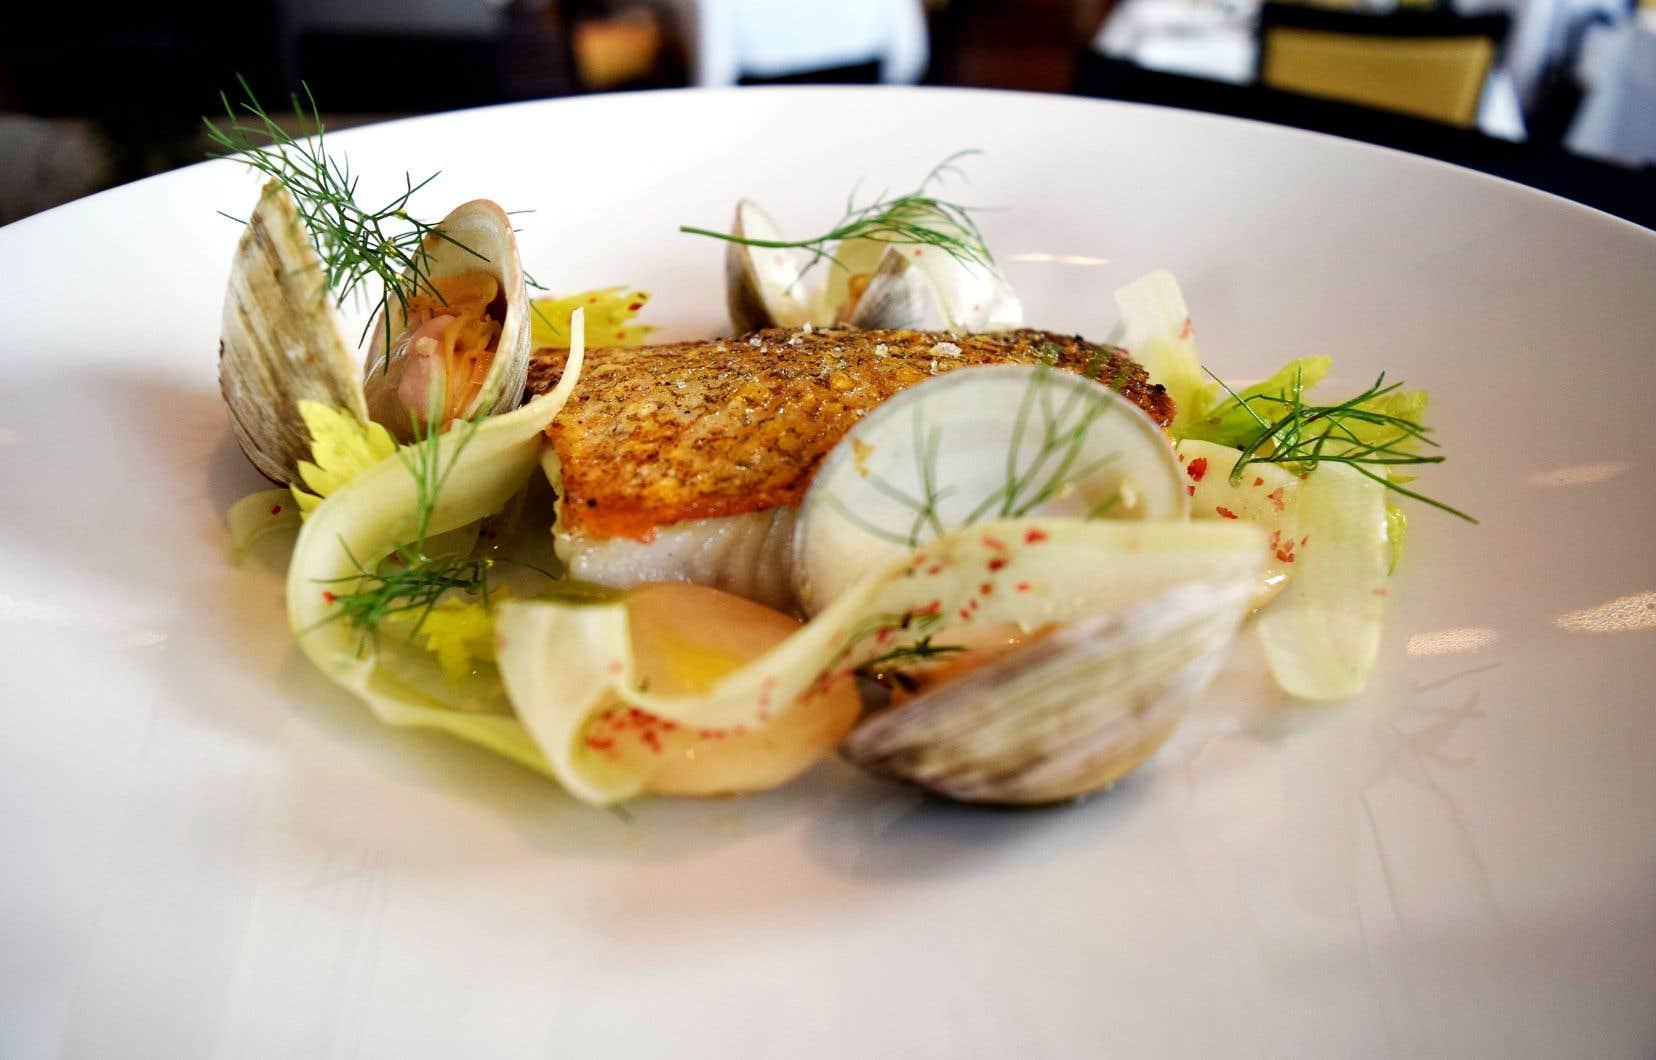 Déposer le poisson au centre de l'assiette, puis les rabioles et les palourdes autour.